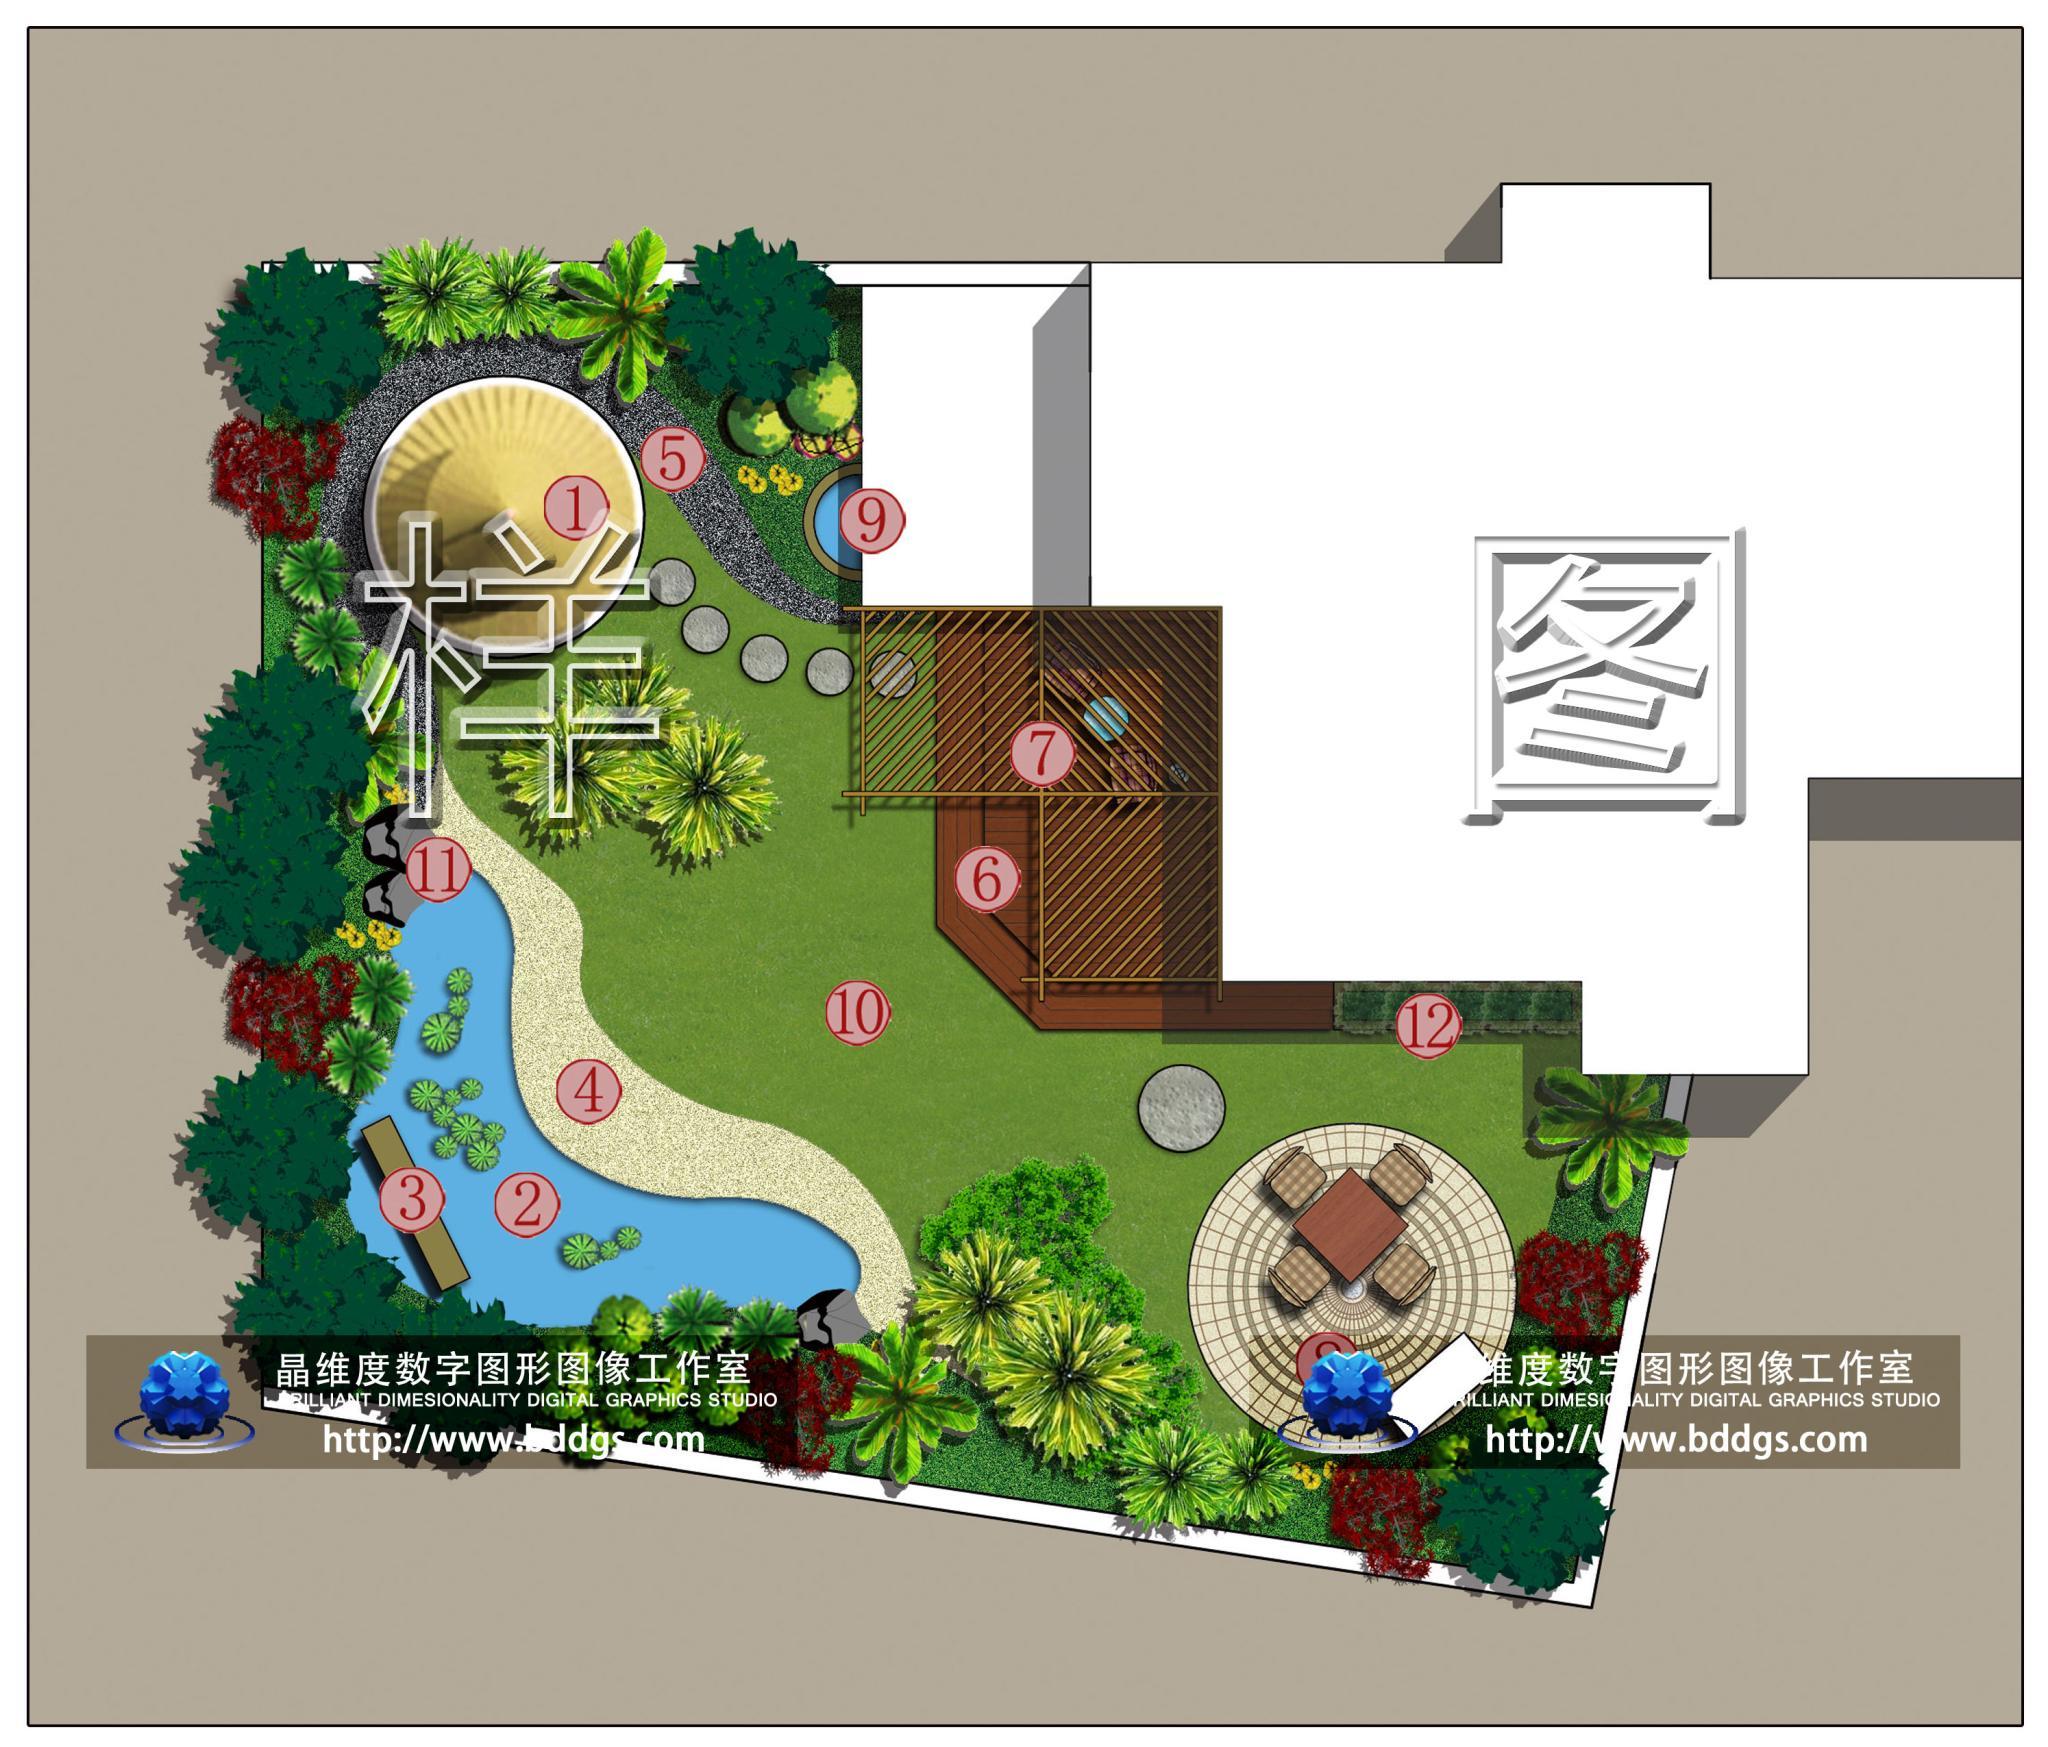 德阳某别墅屋顶花园设计平面.jpg